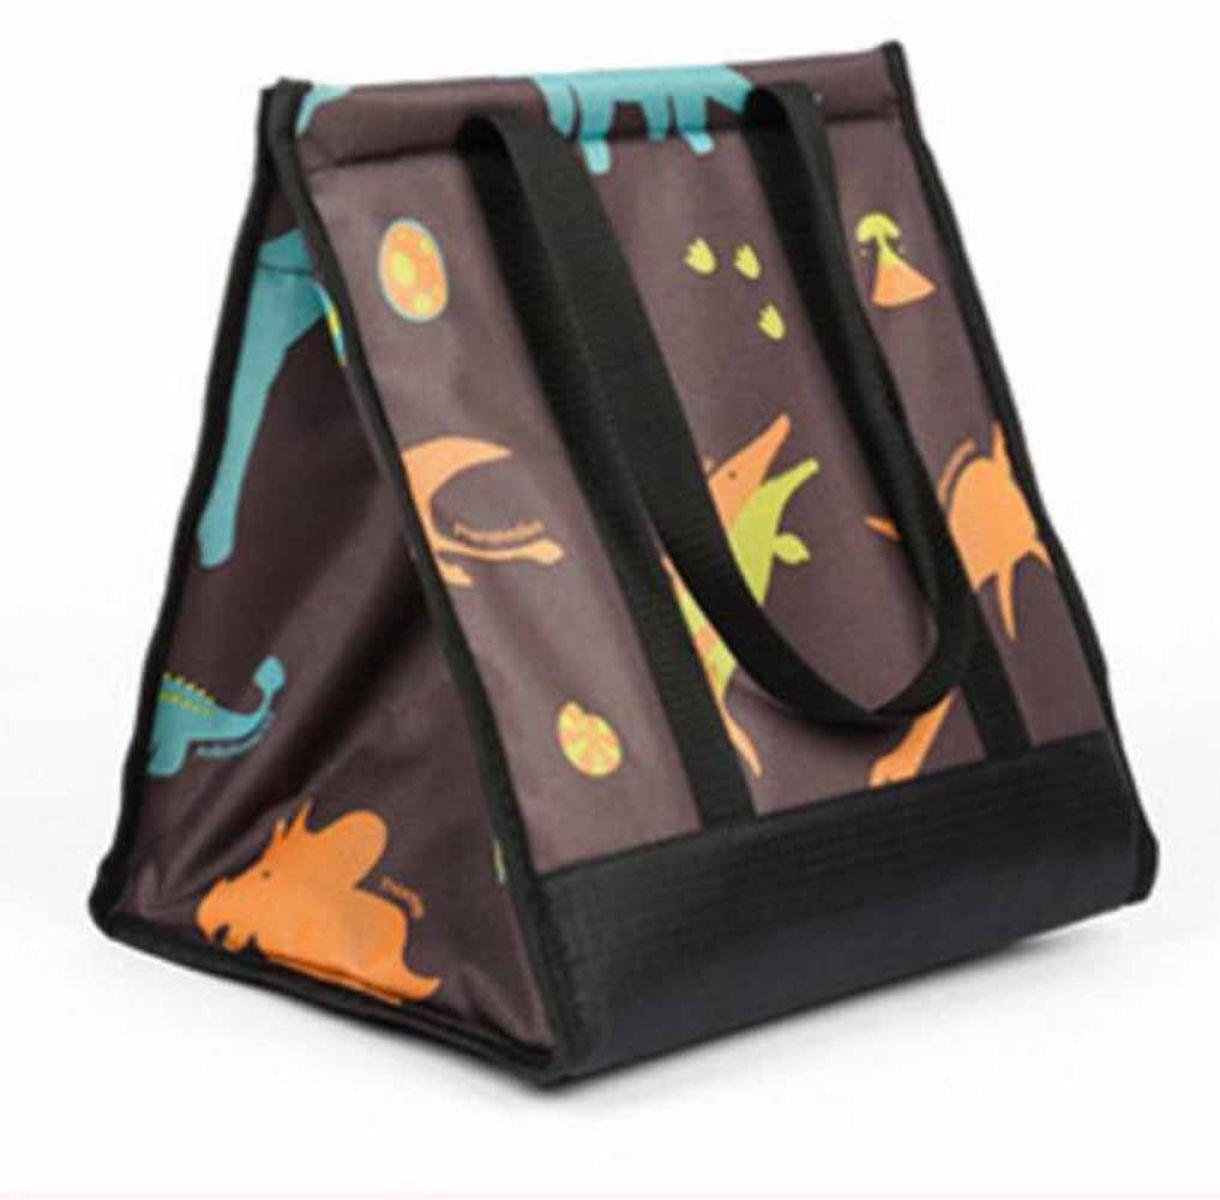 Outdoor-Picknick-Kühltasche Kühltasche Tragbar Zusammenlegbaren Beutel,C